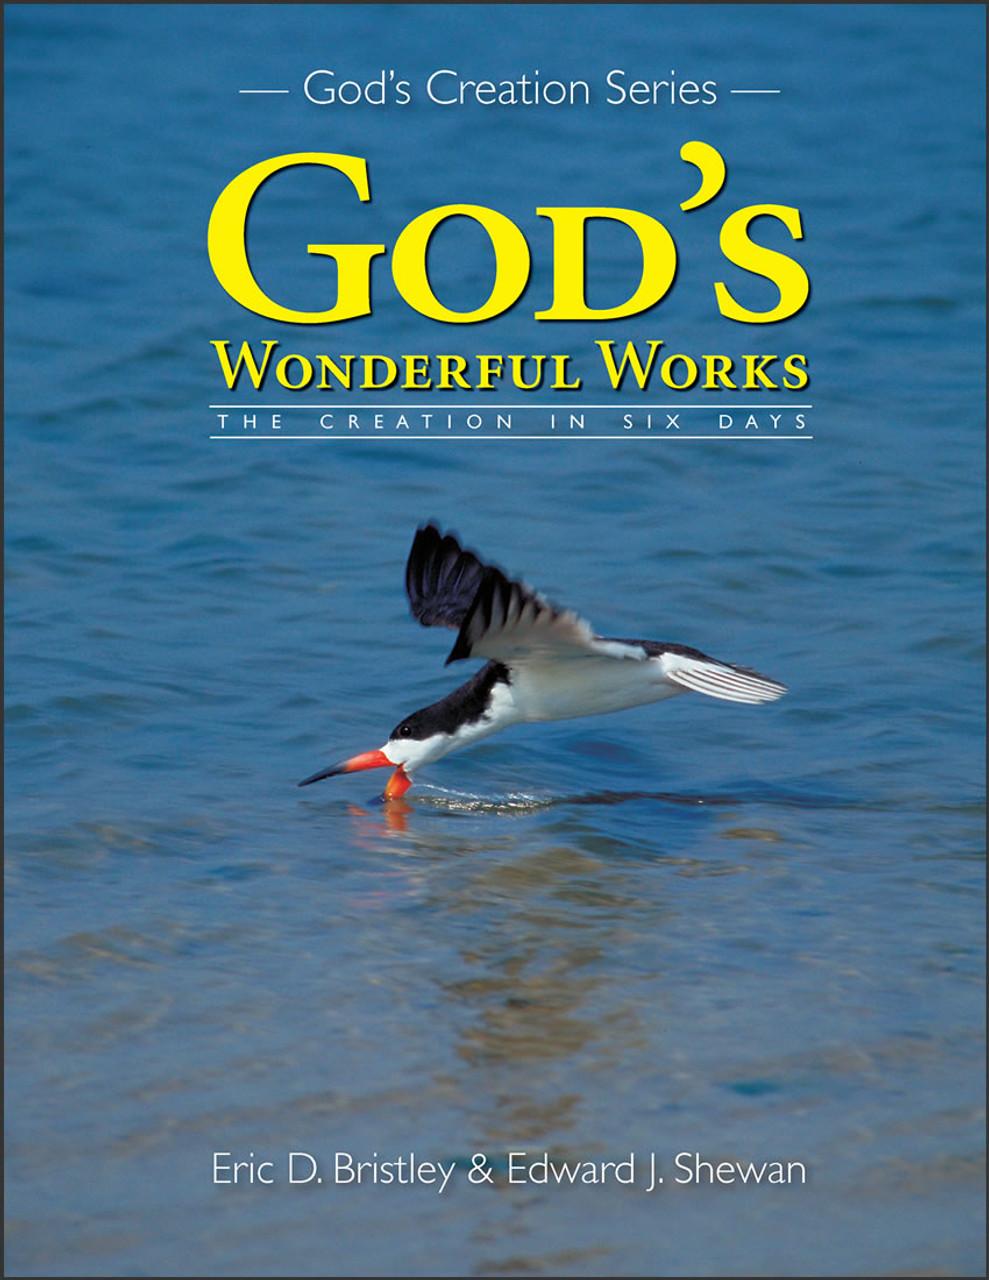 God's Wonderful Works